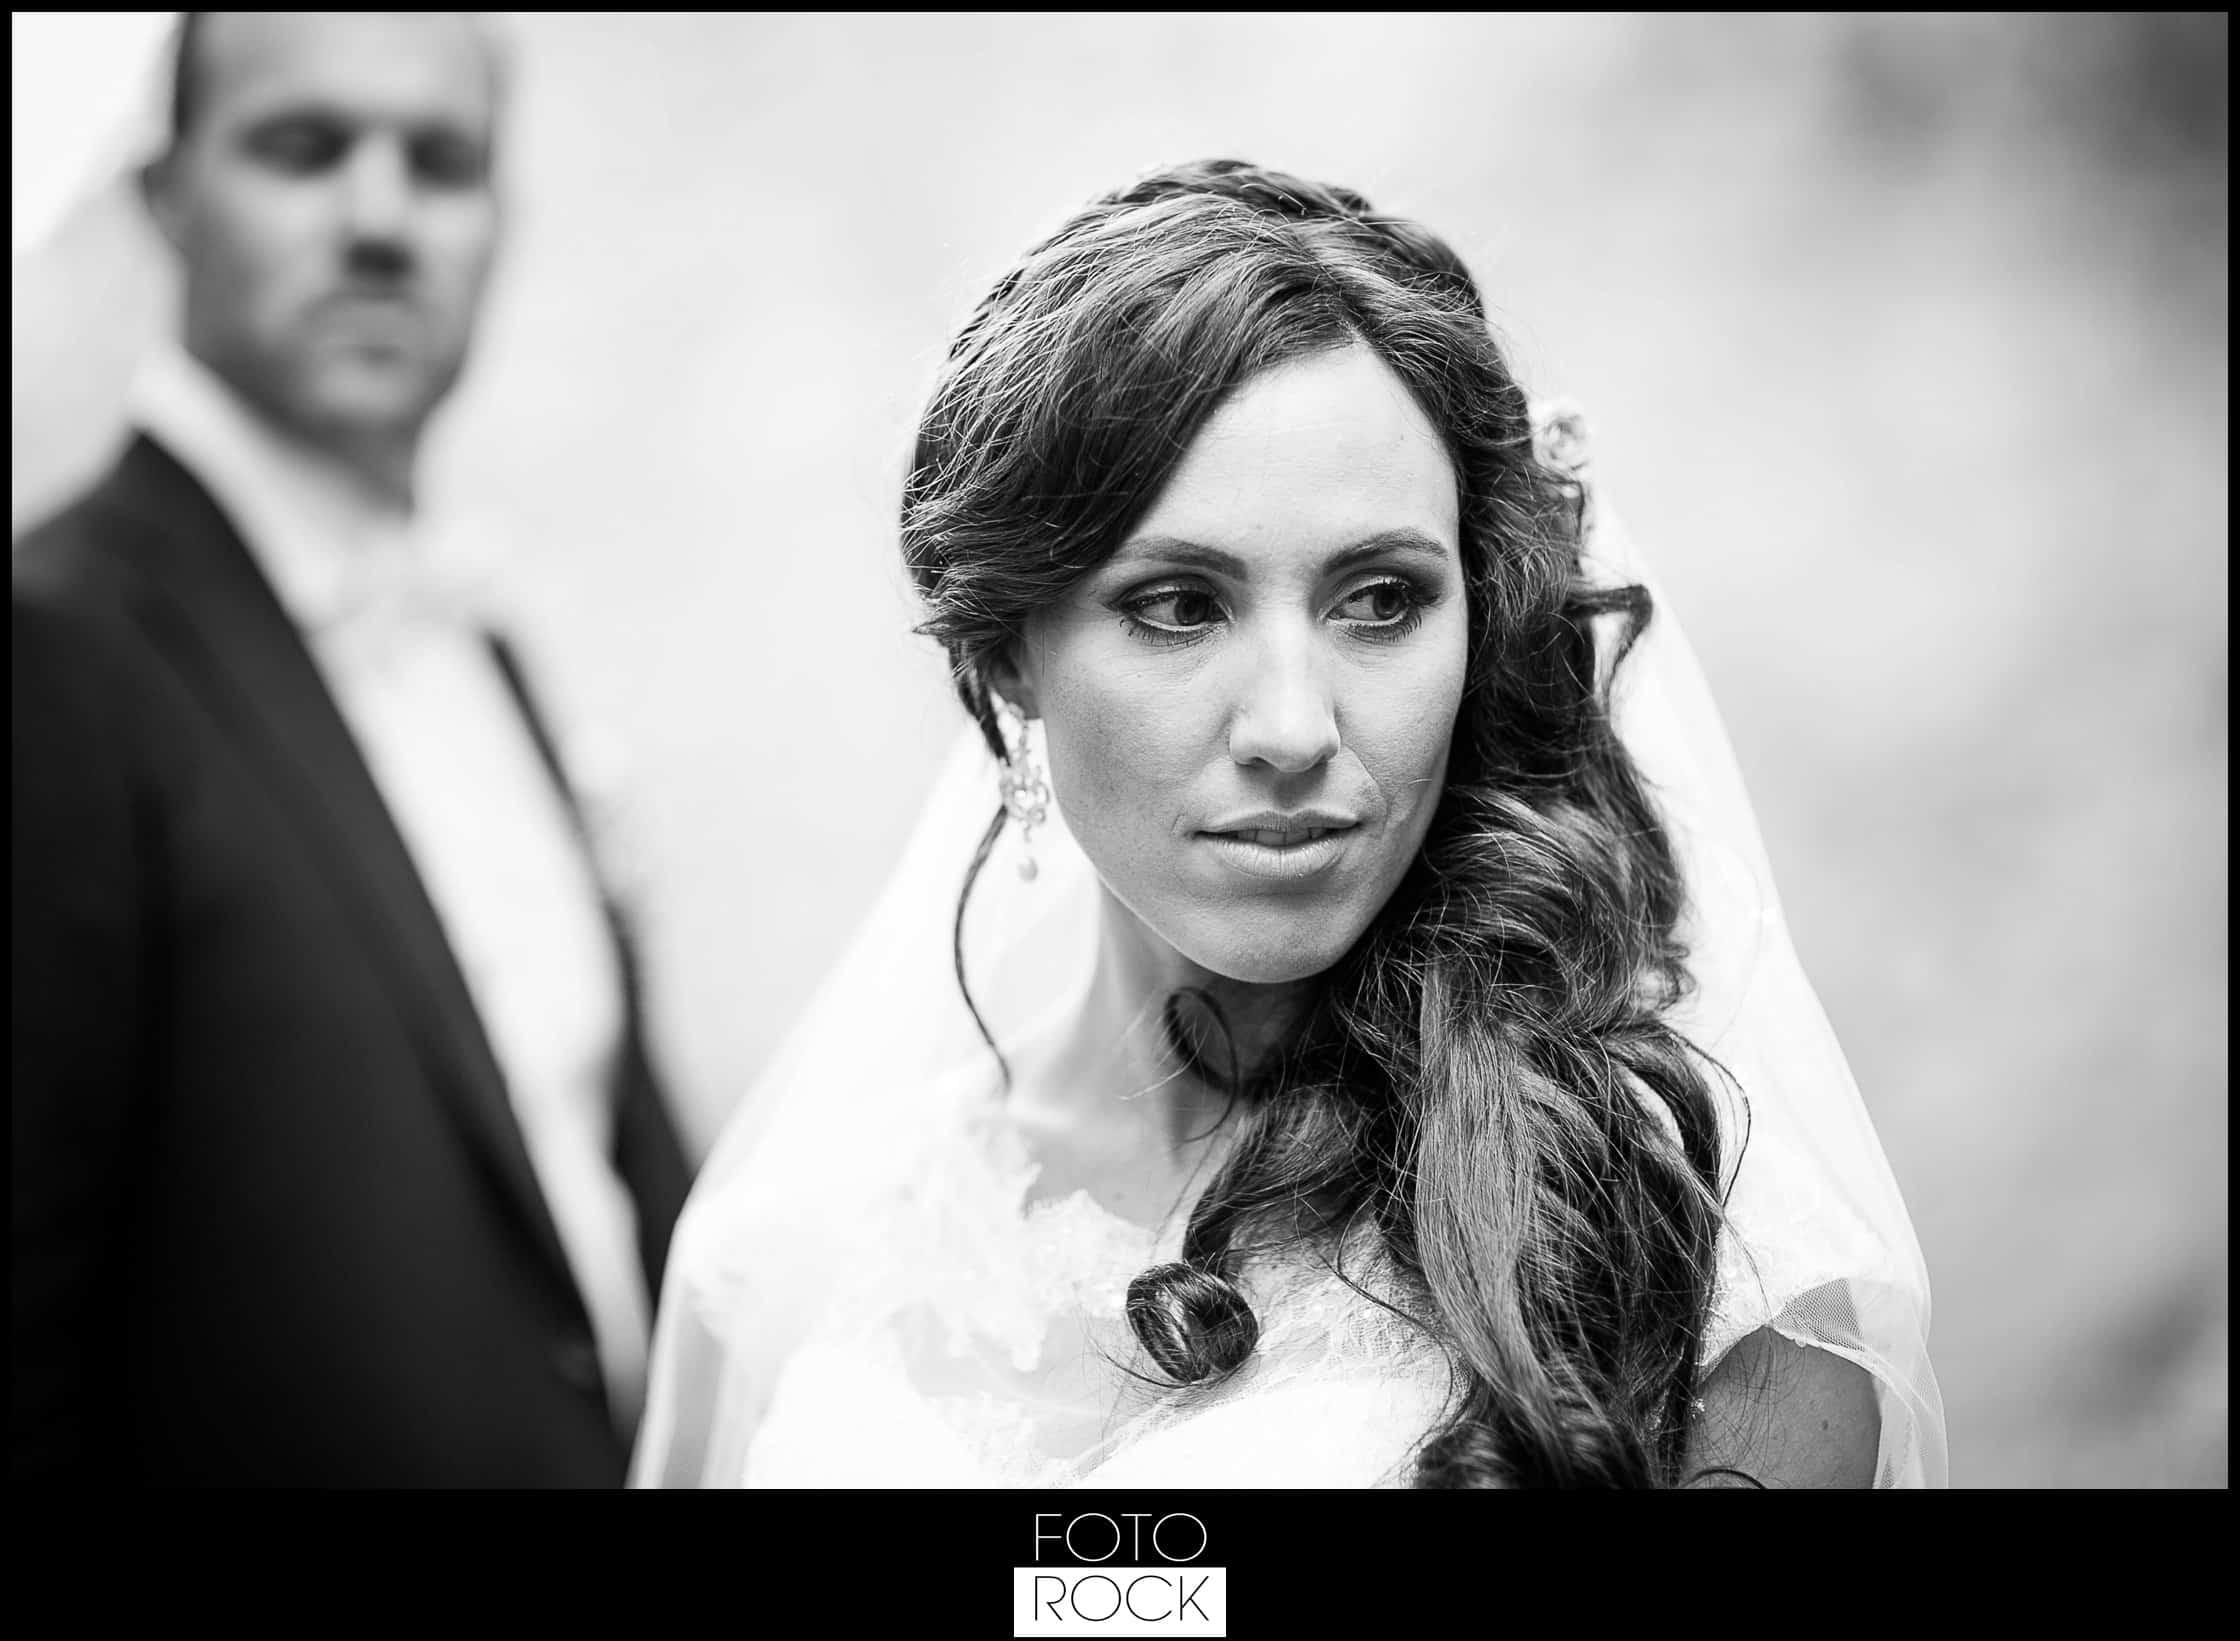 Hochzeit Lilienhof Ihringen Fotoshooting Photoshooting Brautpaar Kuss Hände